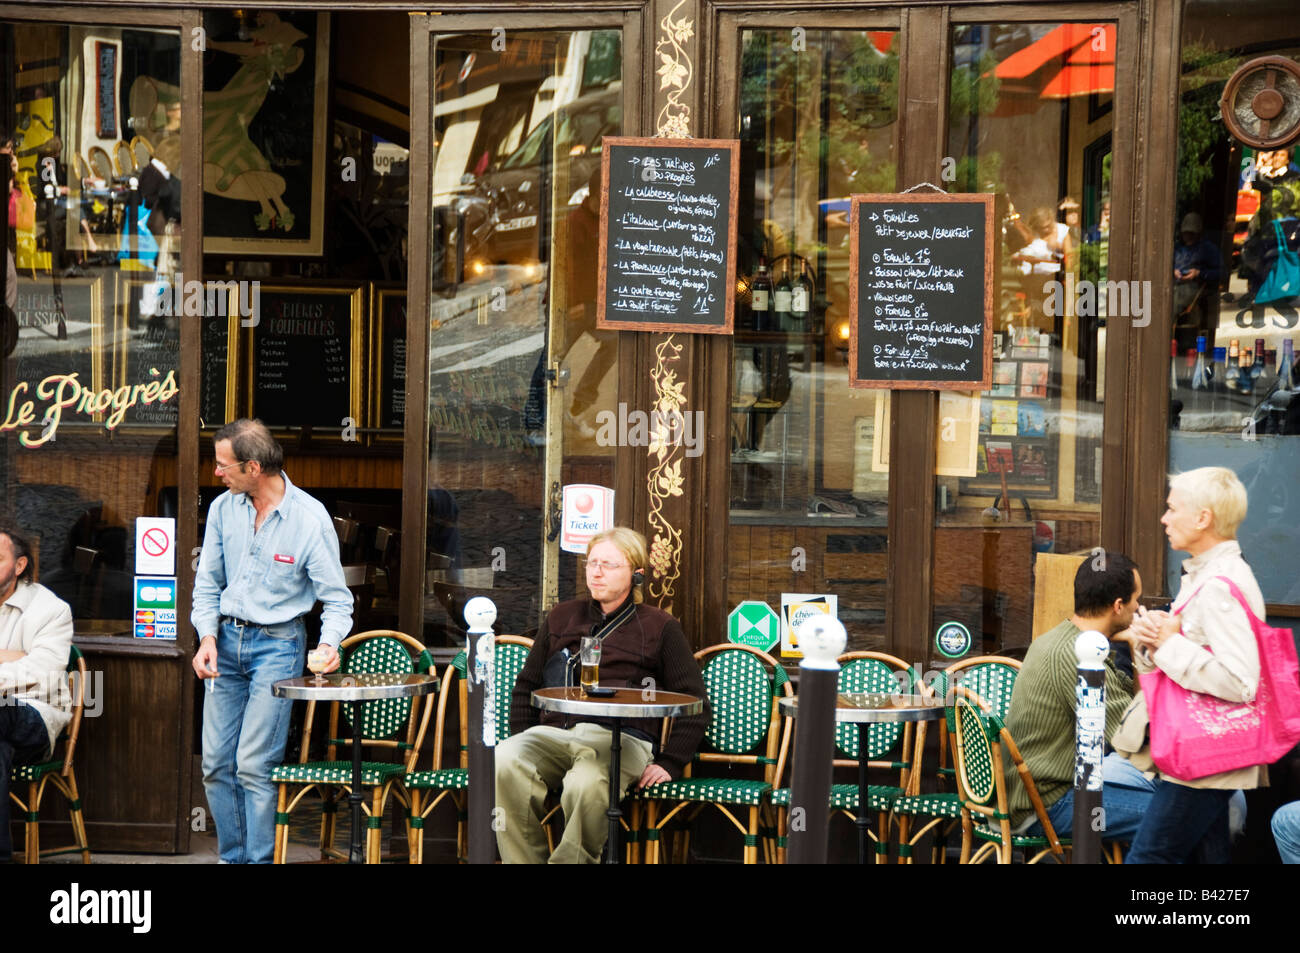 Le progres cafe bistro montmartre paris stock photo for Le miroir restaurant montmartre